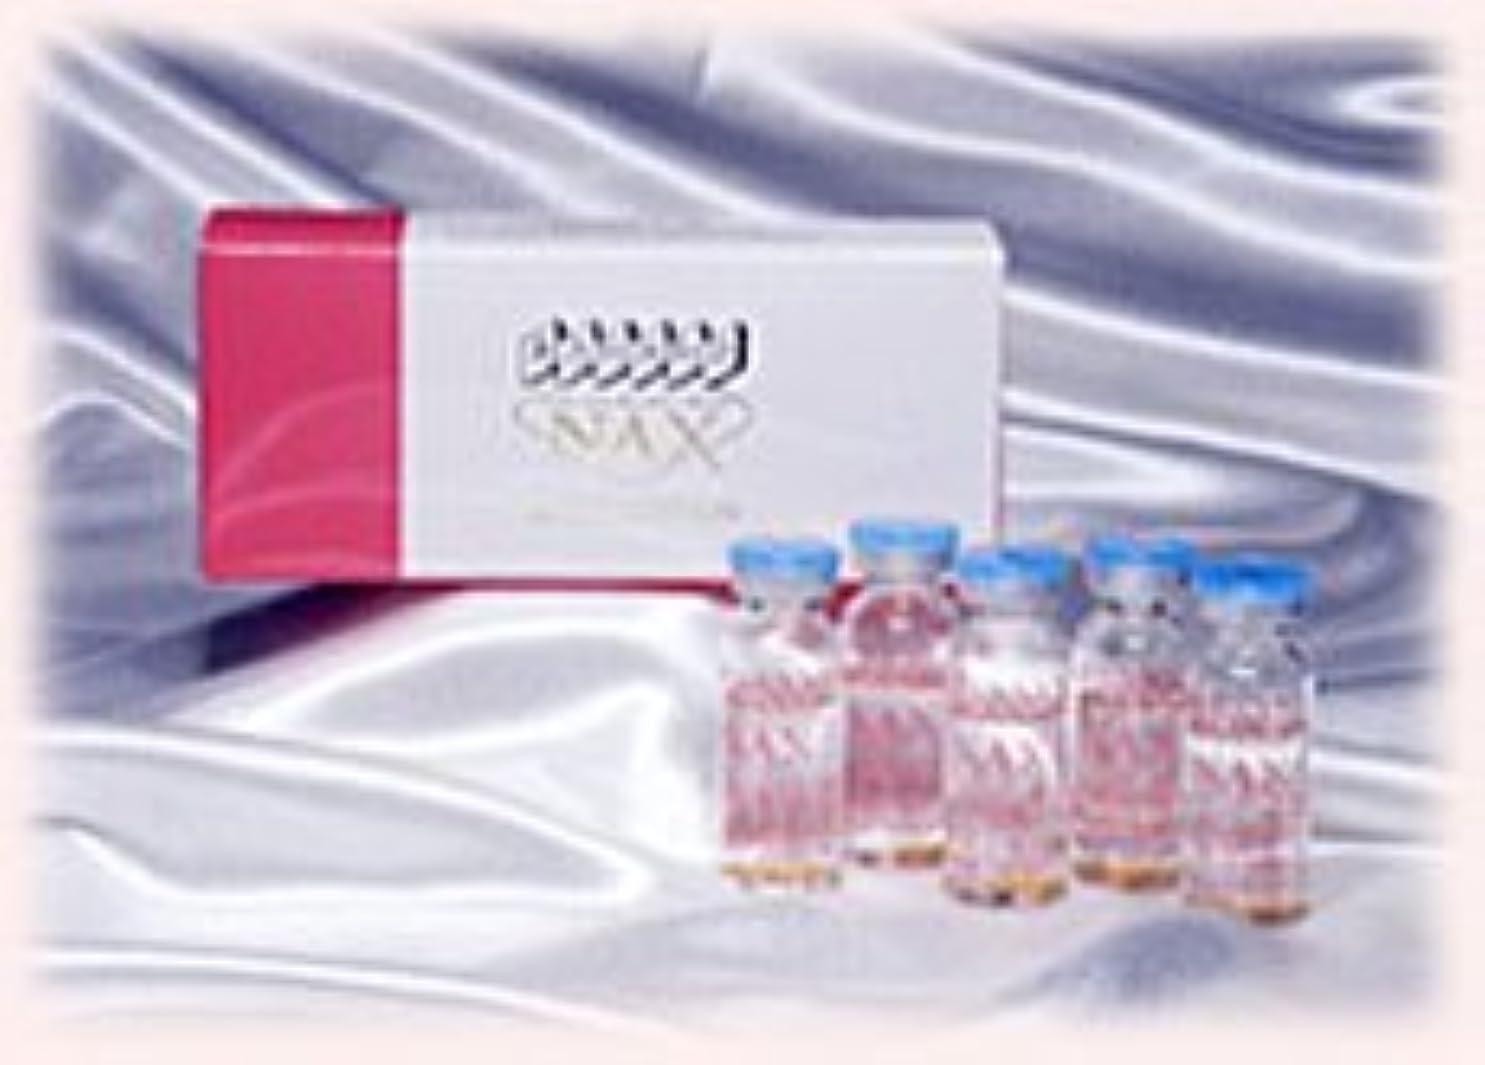 到着する買い手ハブnaxシリーズ 無添加 基礎化粧品 敏感肌 トラブル肌 洗顔 から お悩み肌 迄 シミ シワ たるみ くすみ 究極の 無添加 スキンケア シリーズ (naxベースローション)